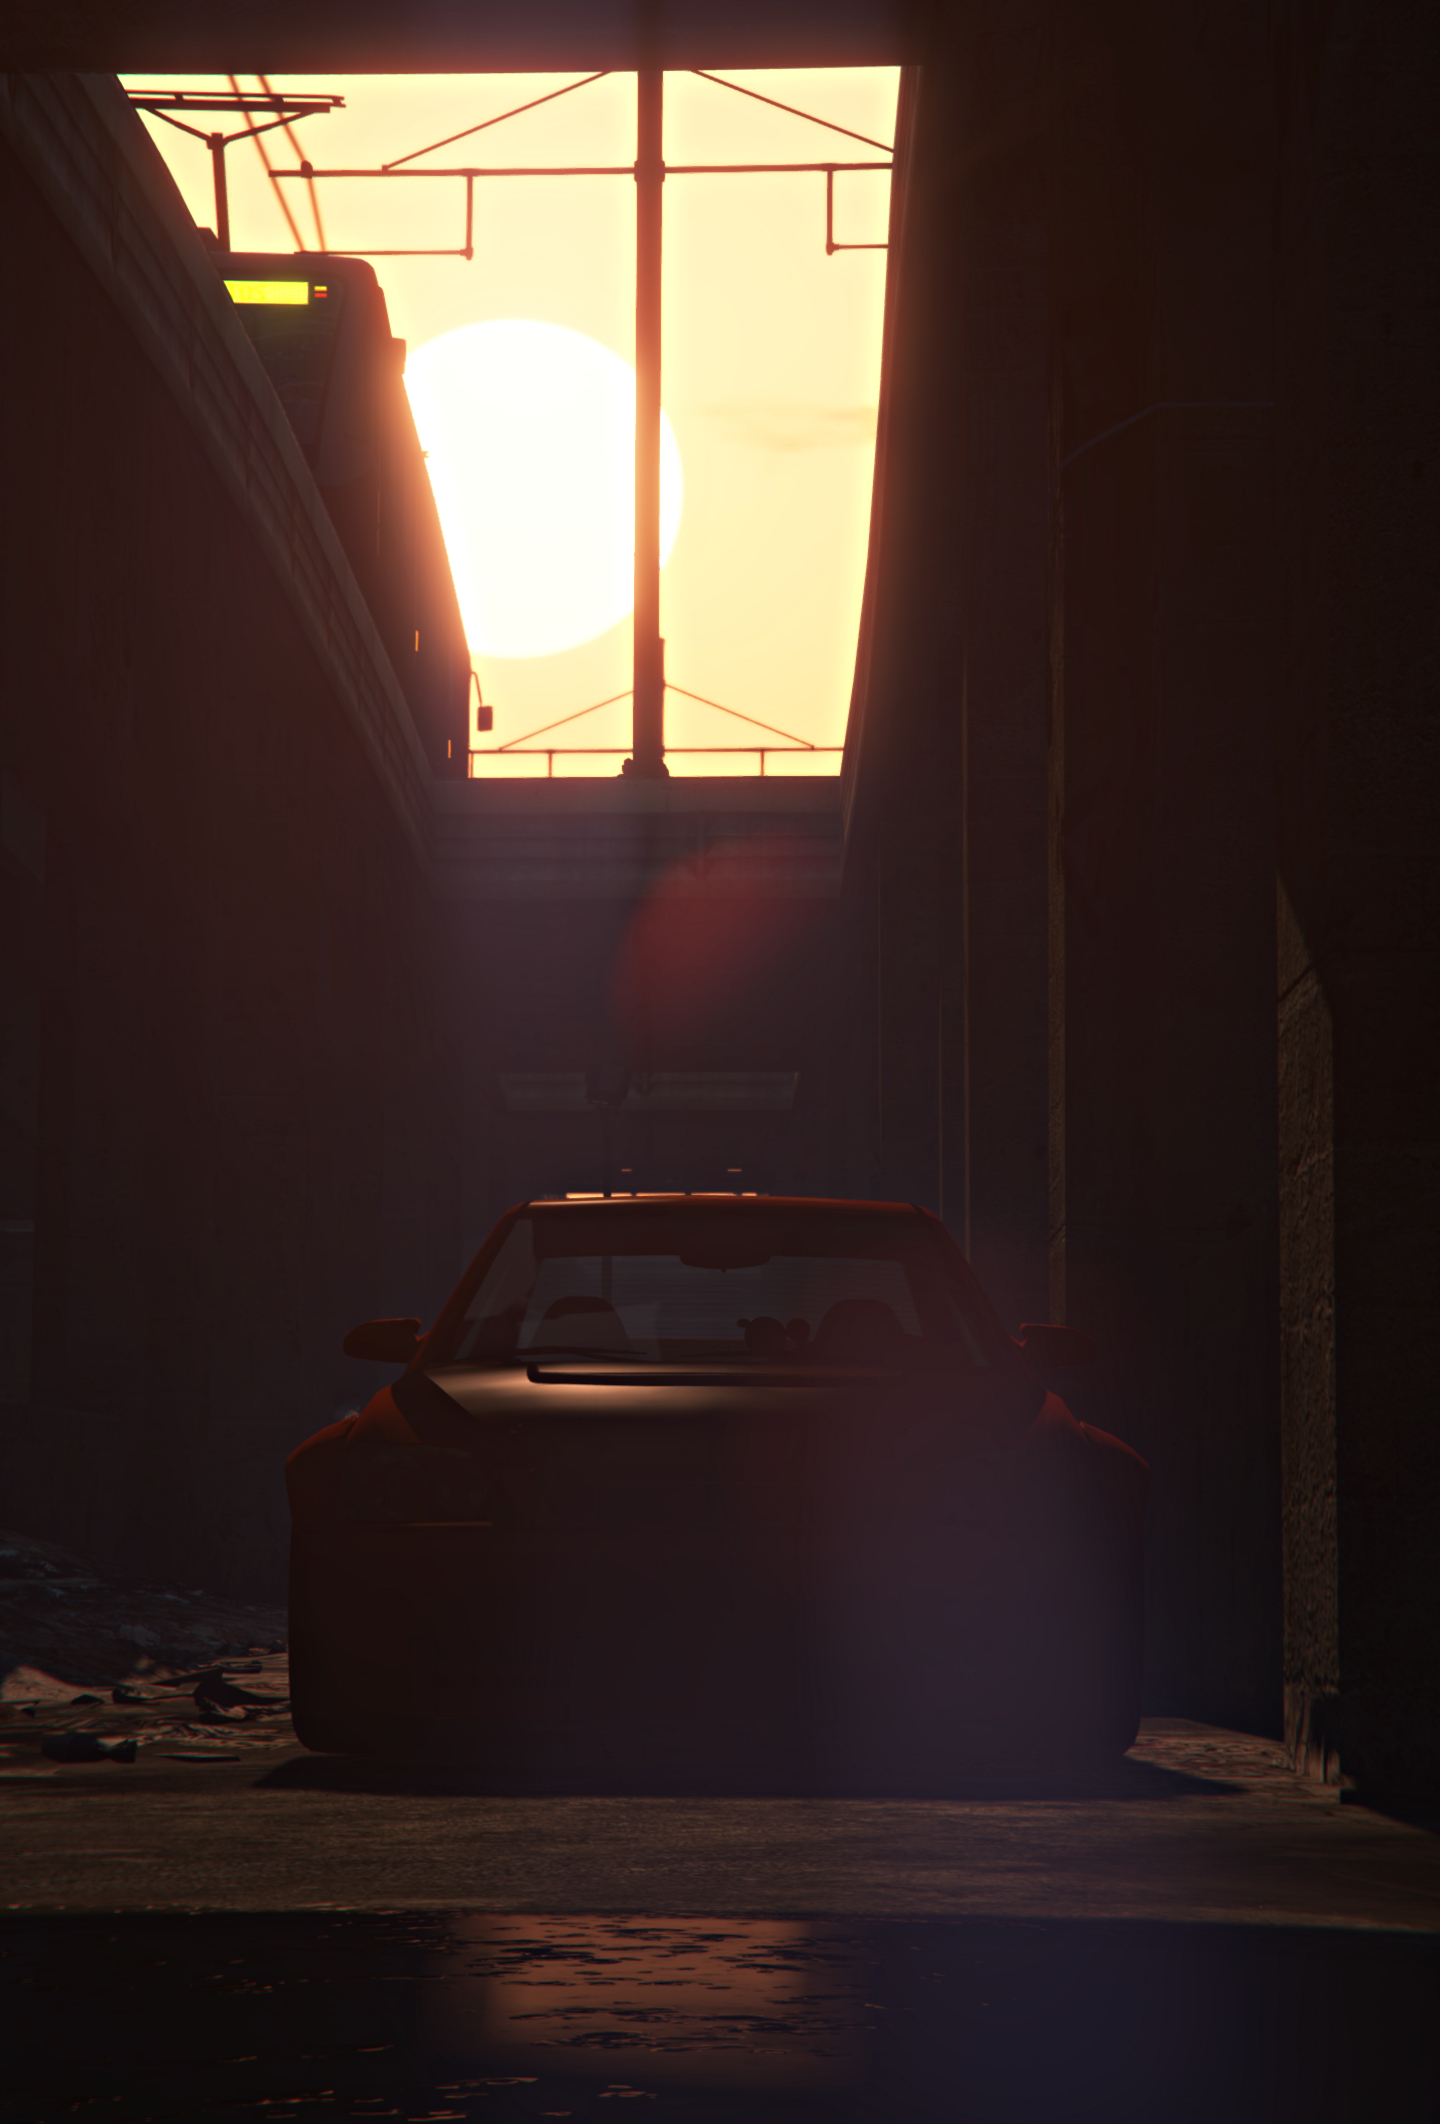 Grand_Theft_Auto_V_Screenshot_2018.04.11